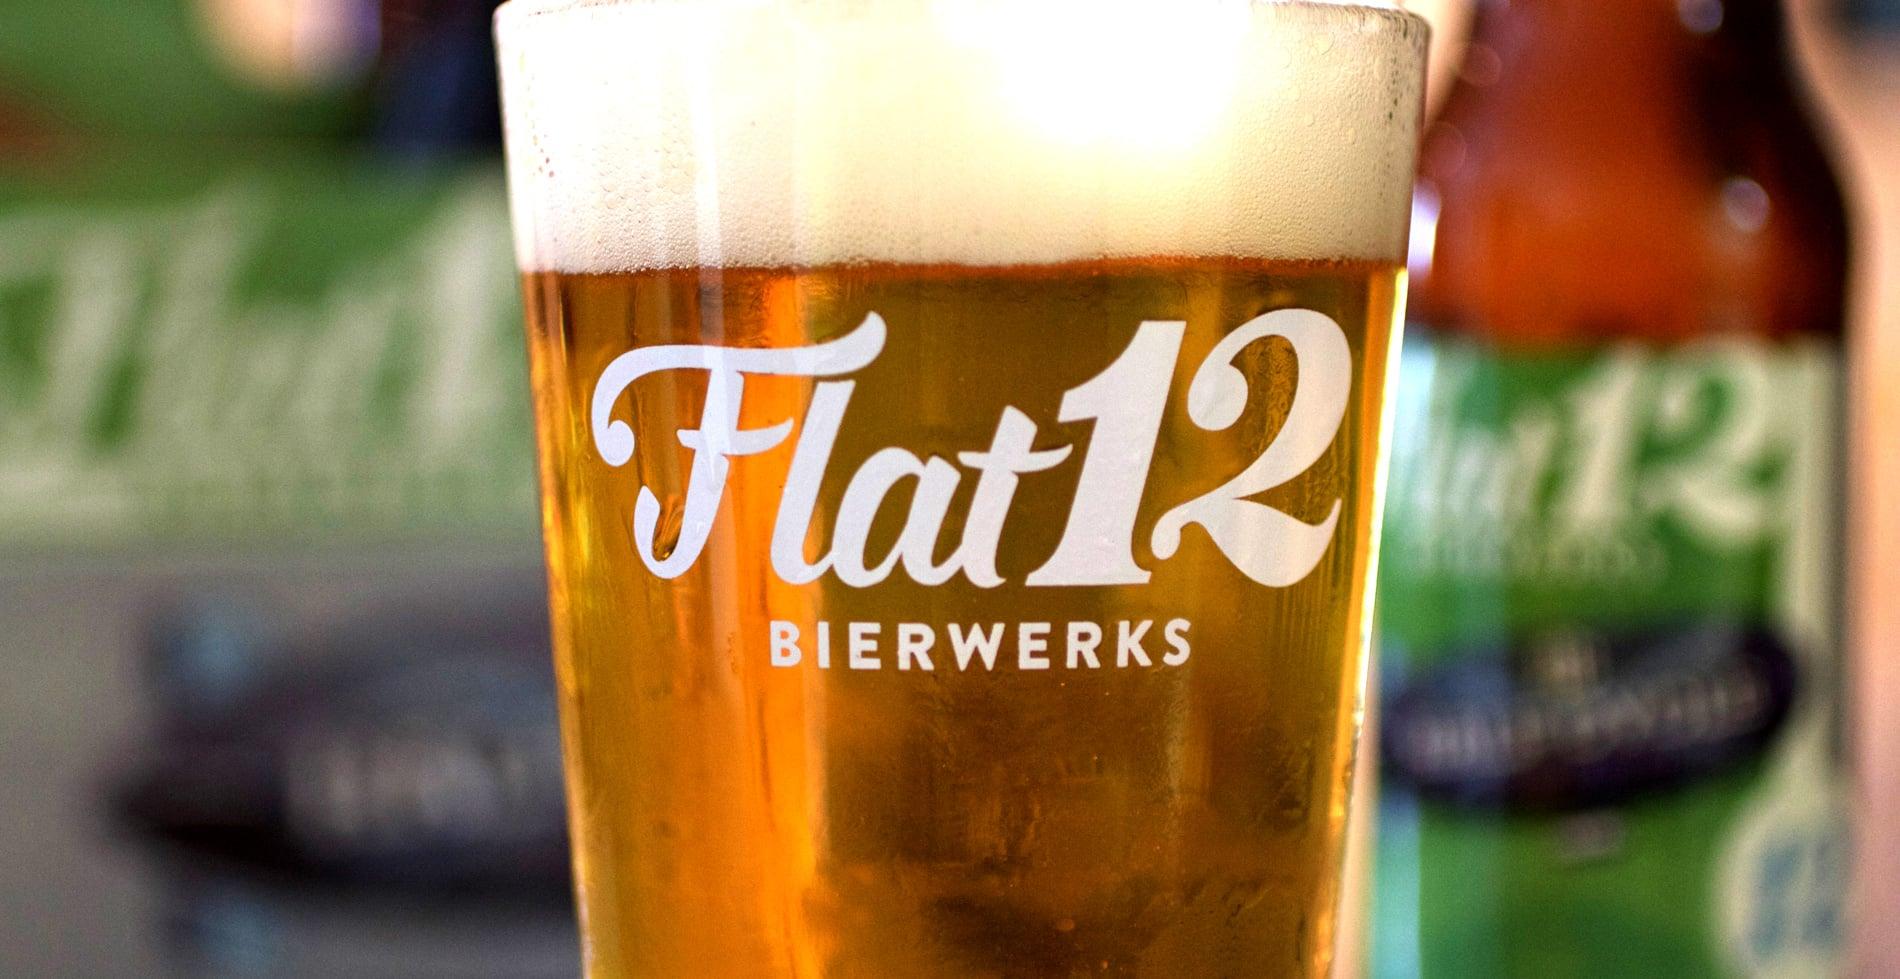 Beer & Branding: Flat12 Bierwerks